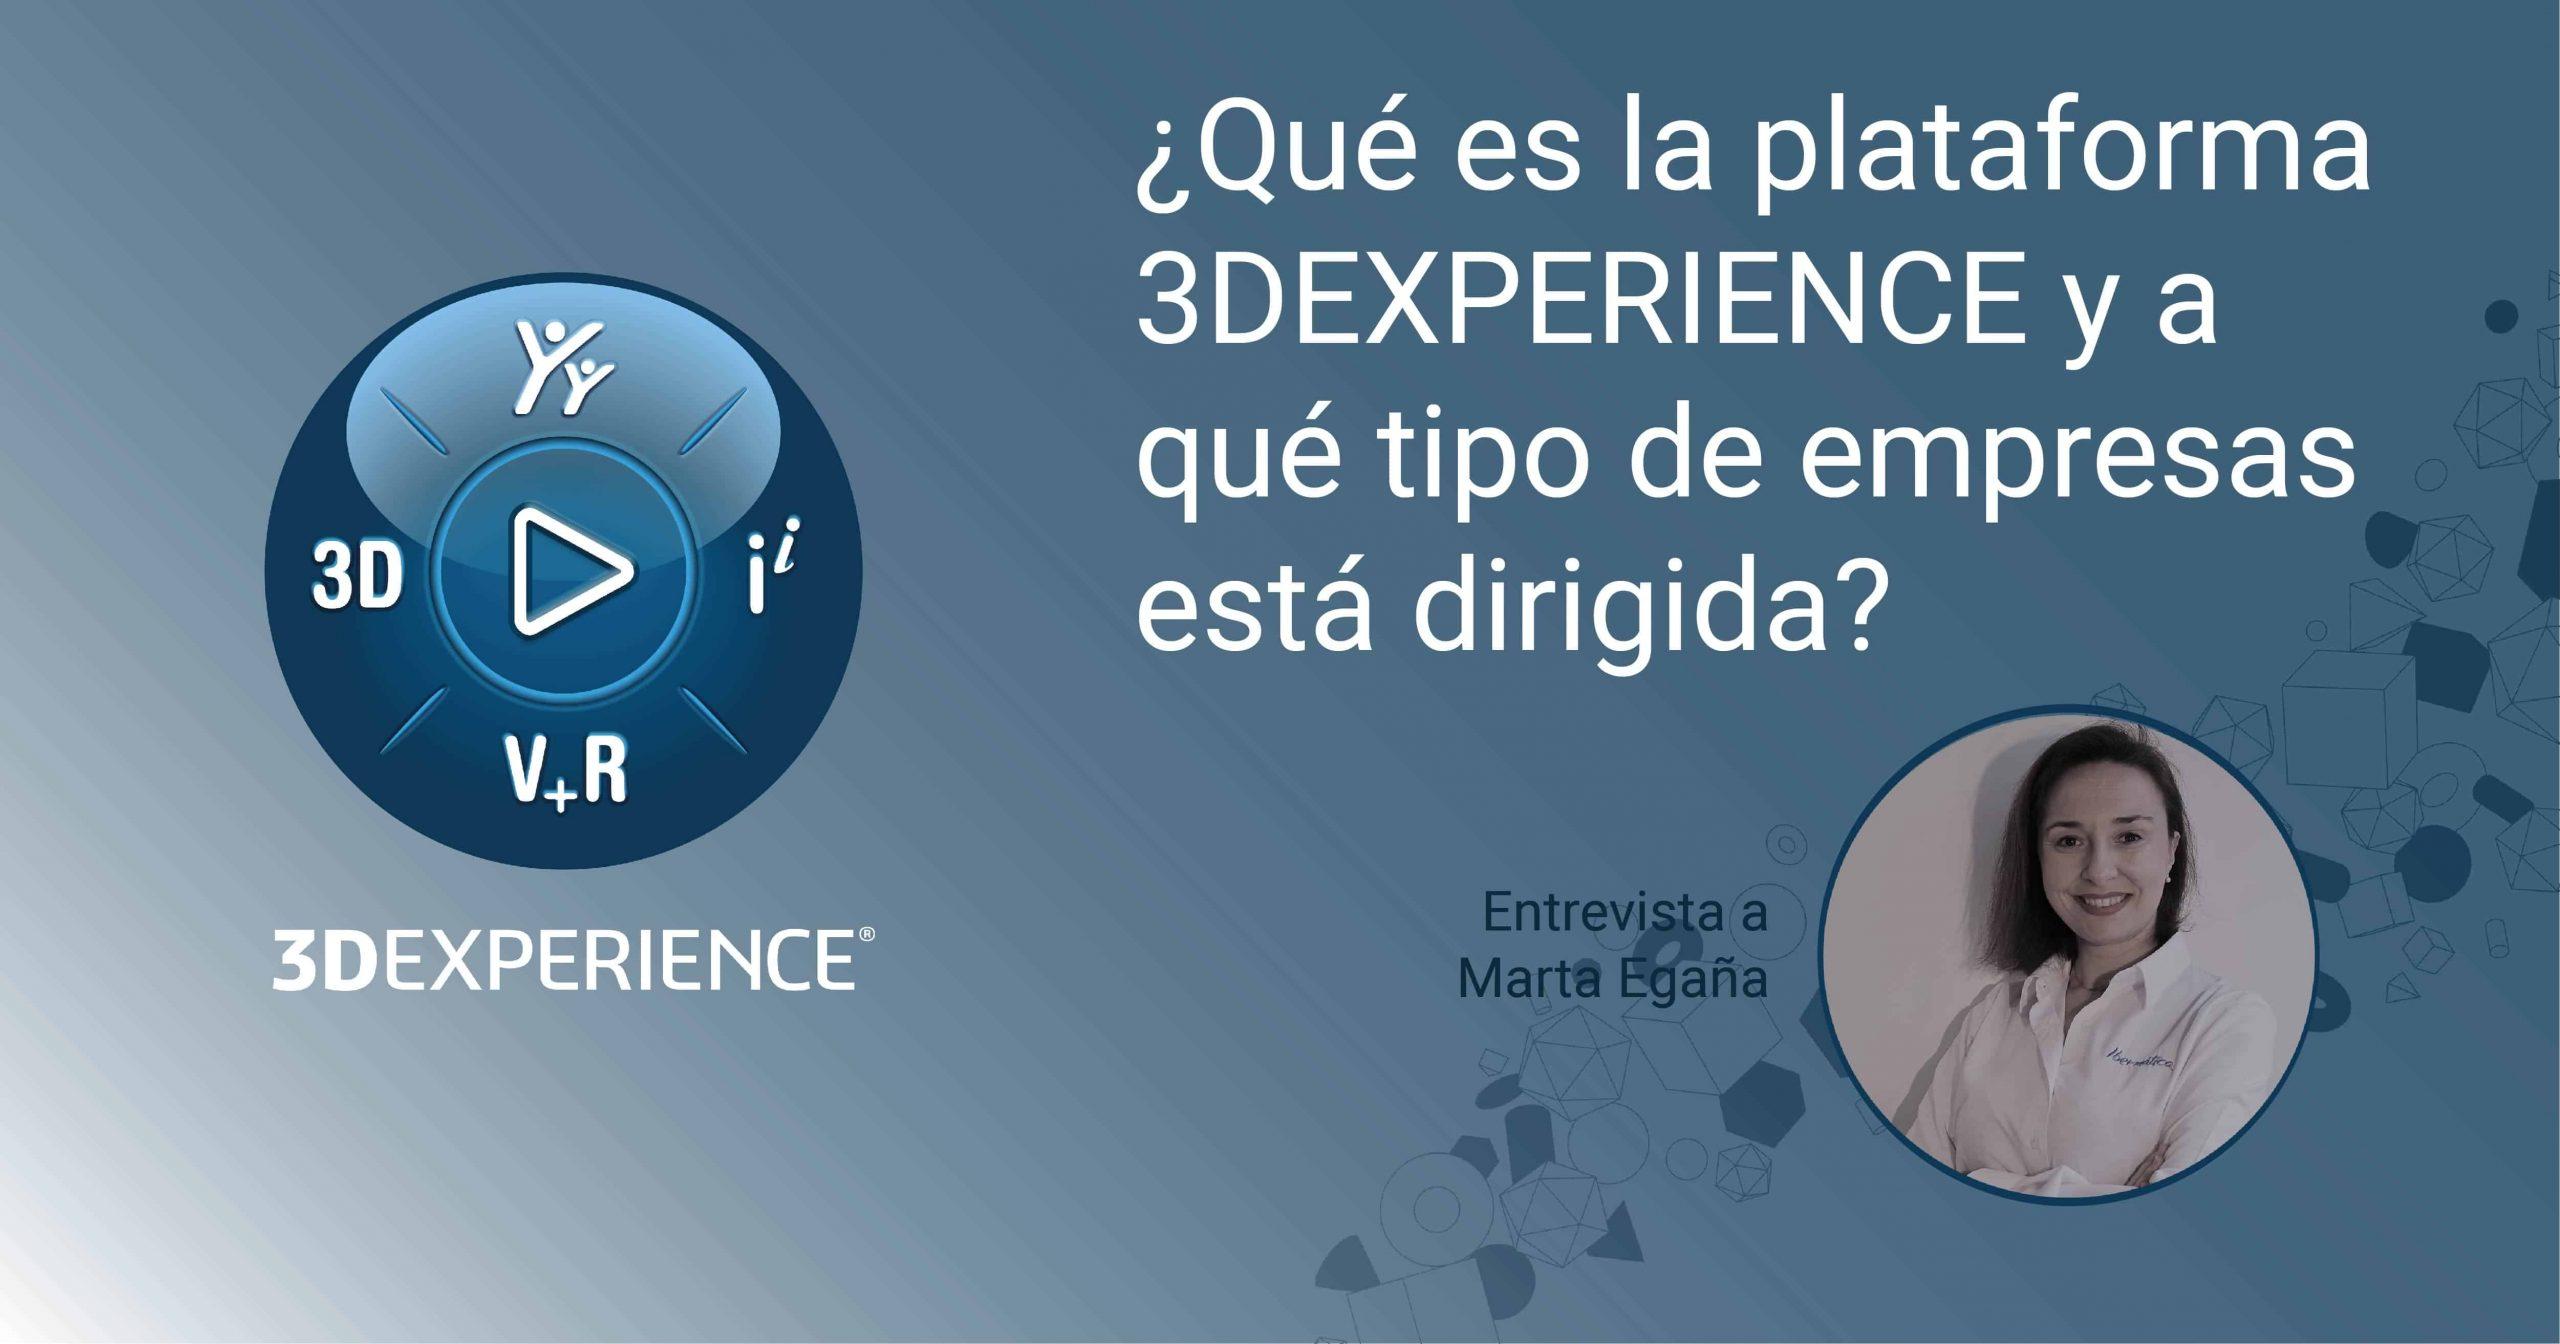 ¿Qué es la 3DEXPERIENCE?